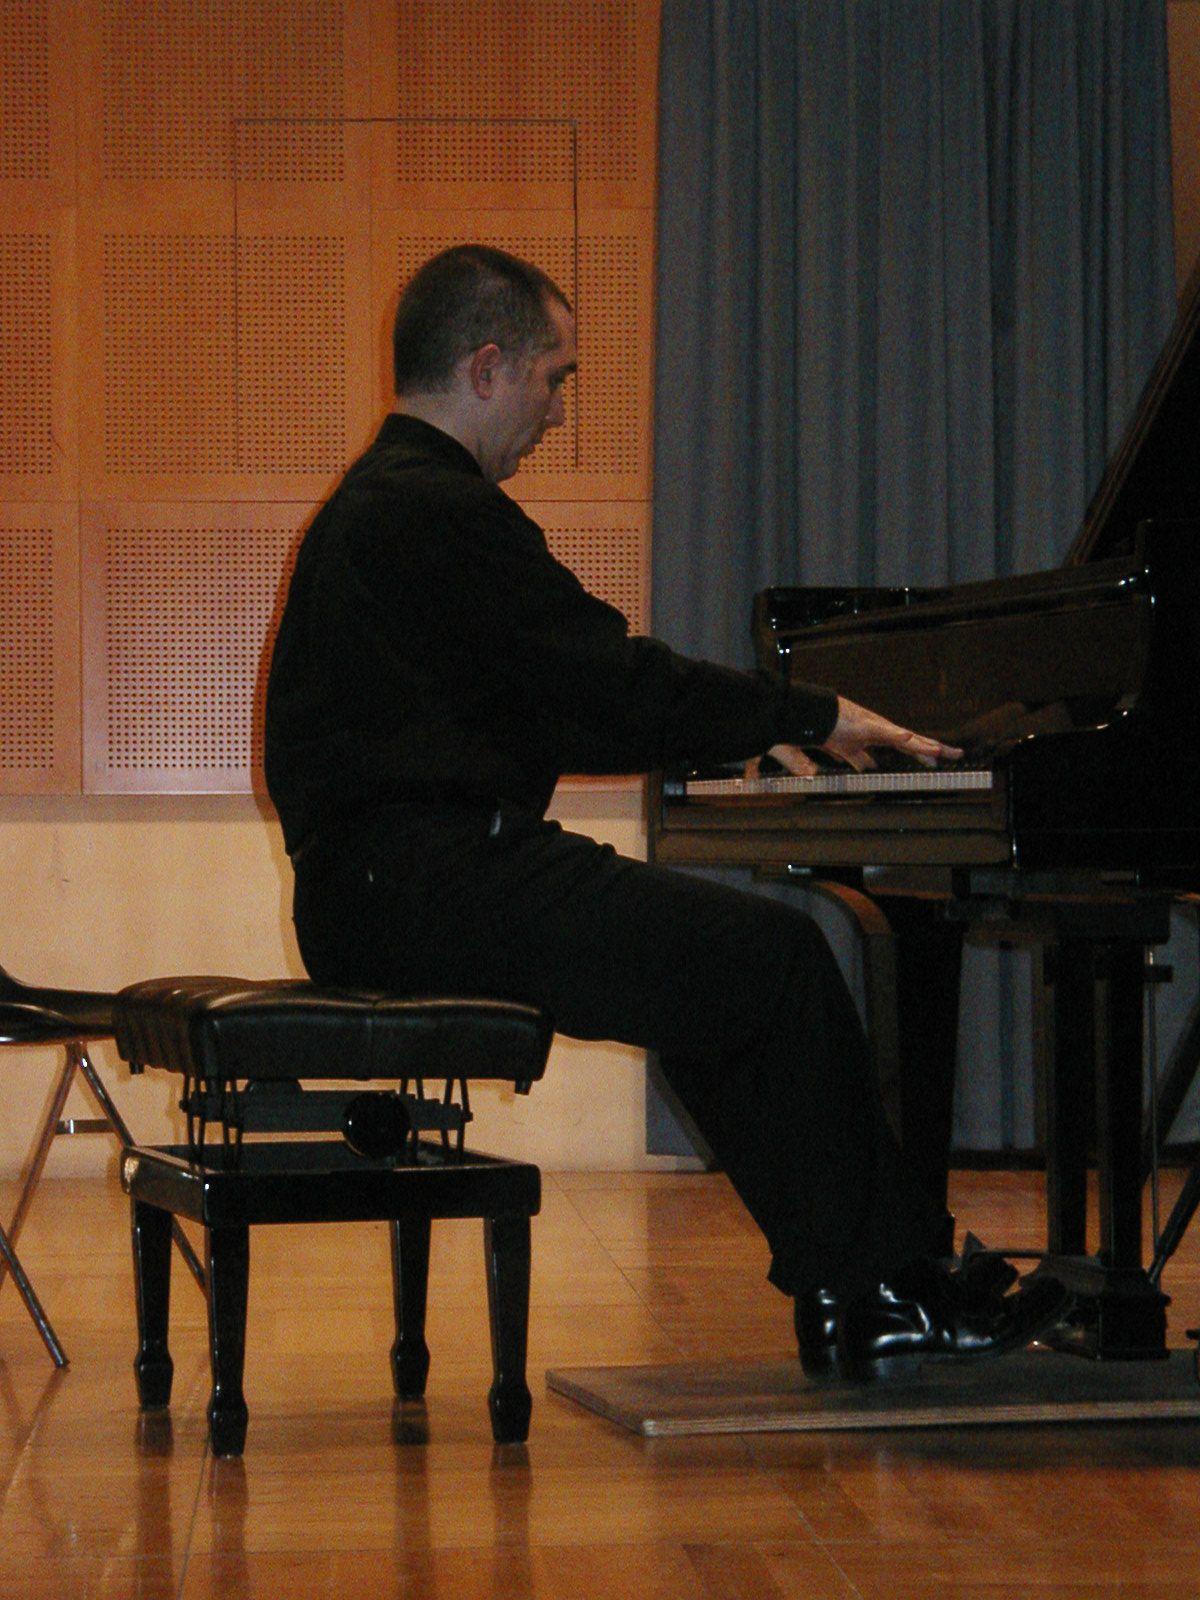 Malavasi, Massimo: Omaggio a Chopin